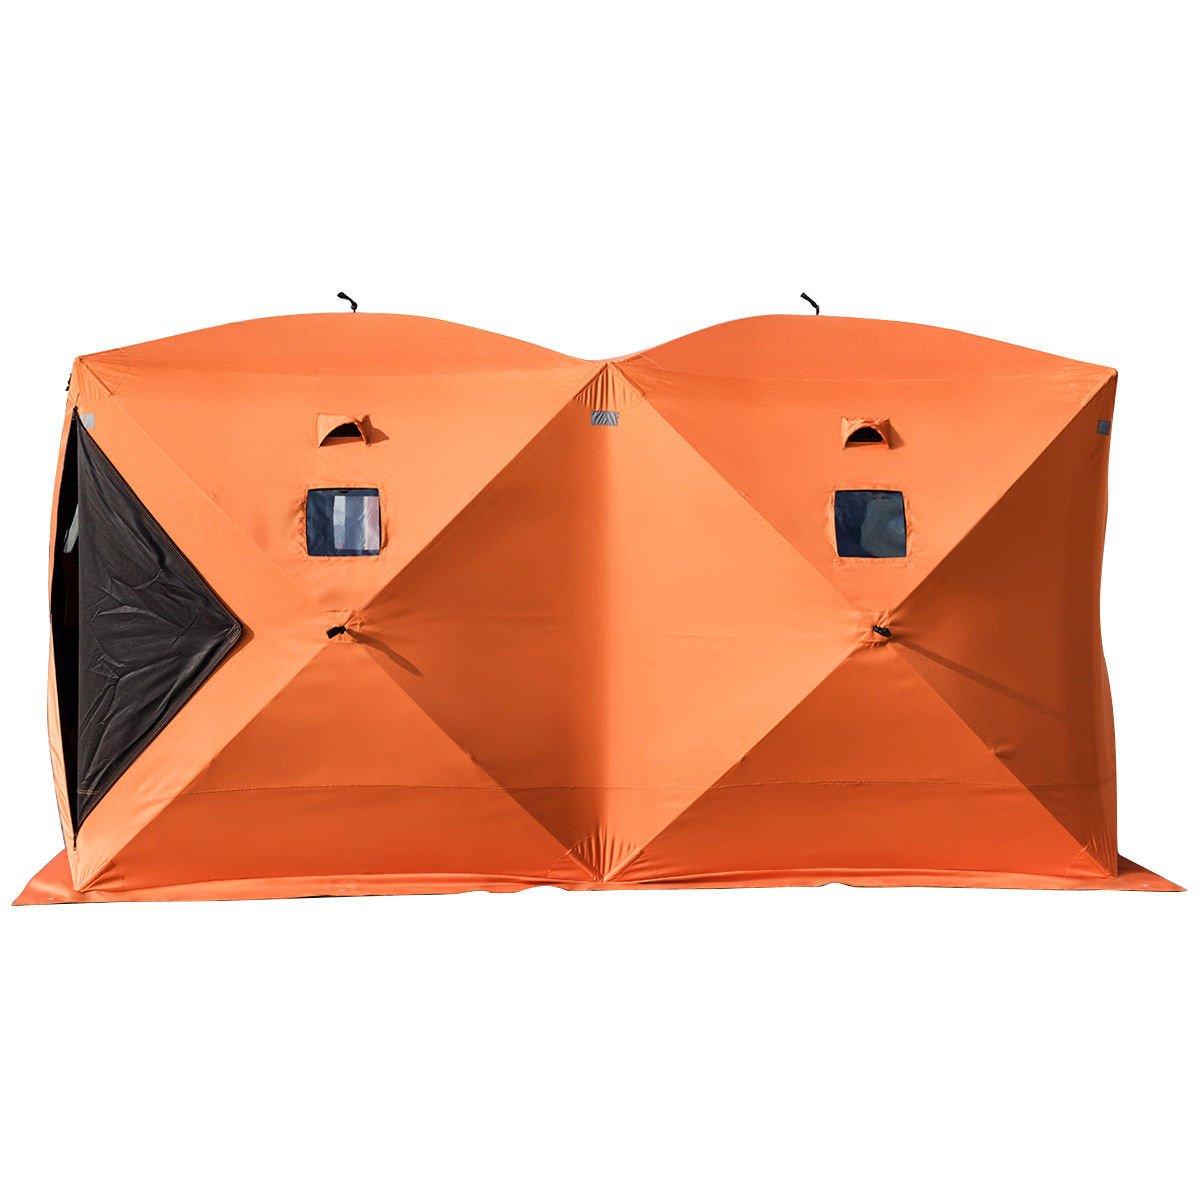 Olibelle Tente de Pêche Abri de Plage Tente de Bivouac de Pêche Résistant au Froid Tente de Camping Hiver Outdoor